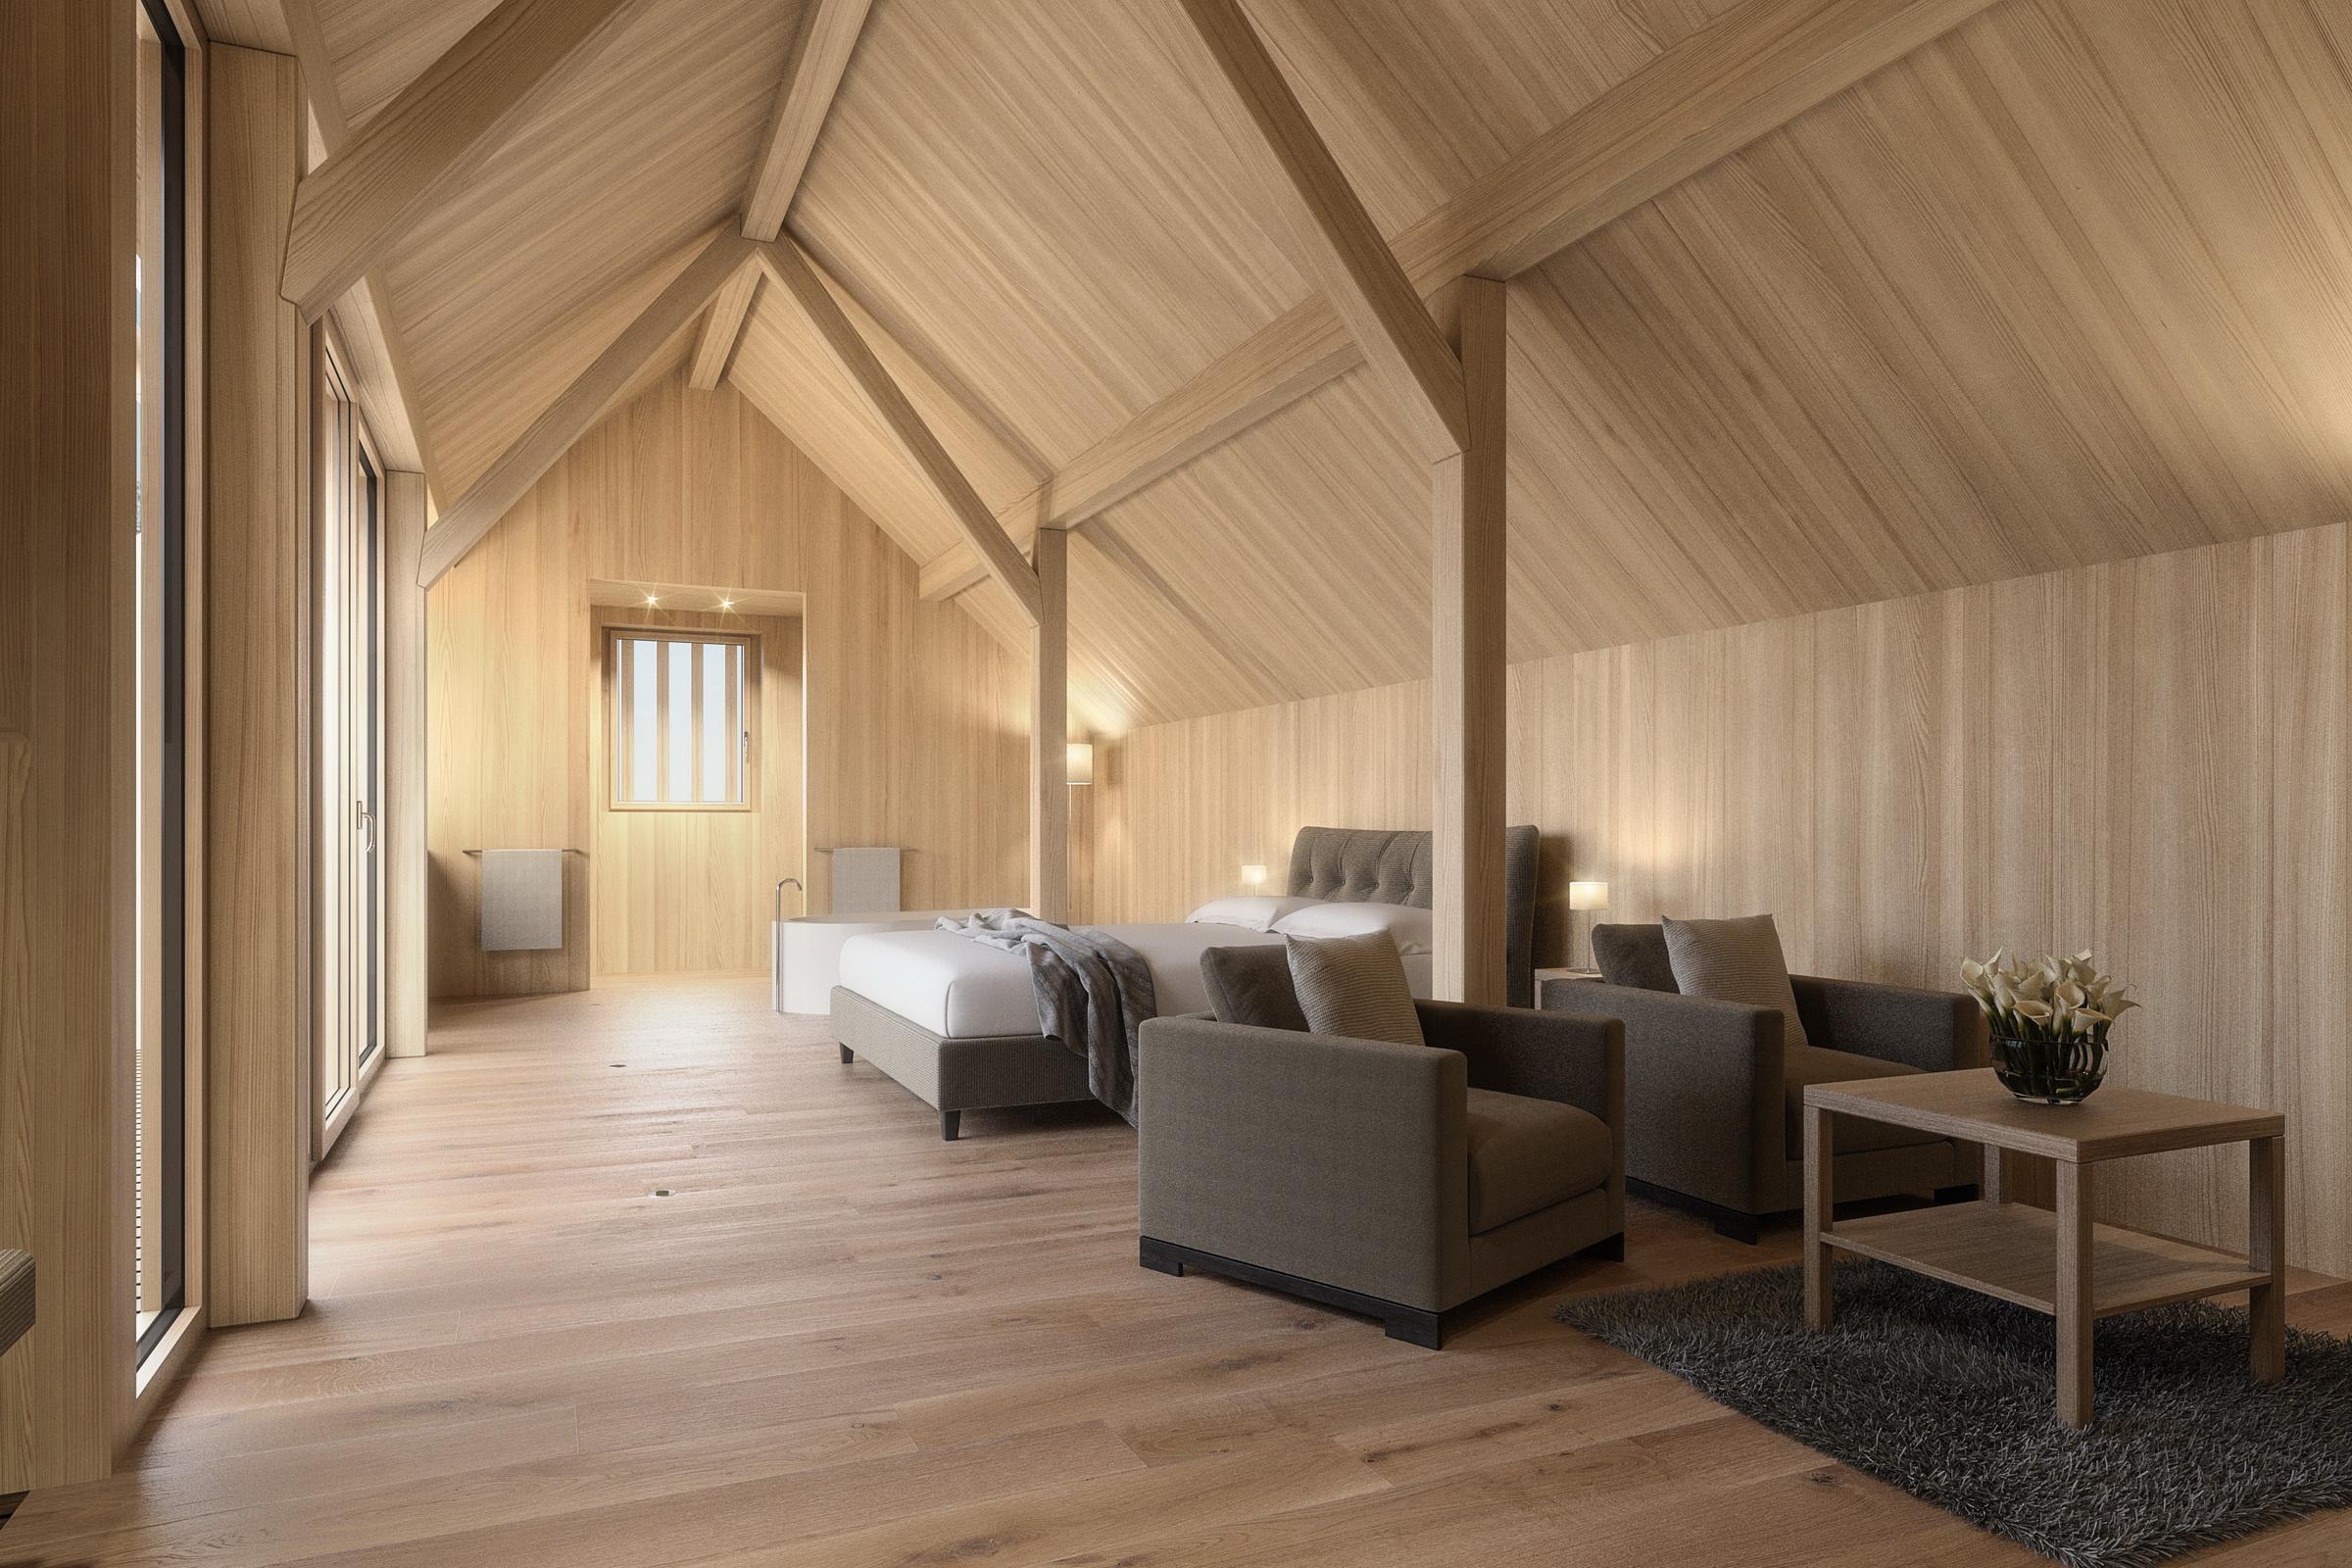 Die neue Mohren-Suite mit herrlichem Ausblick. © GH Mohren